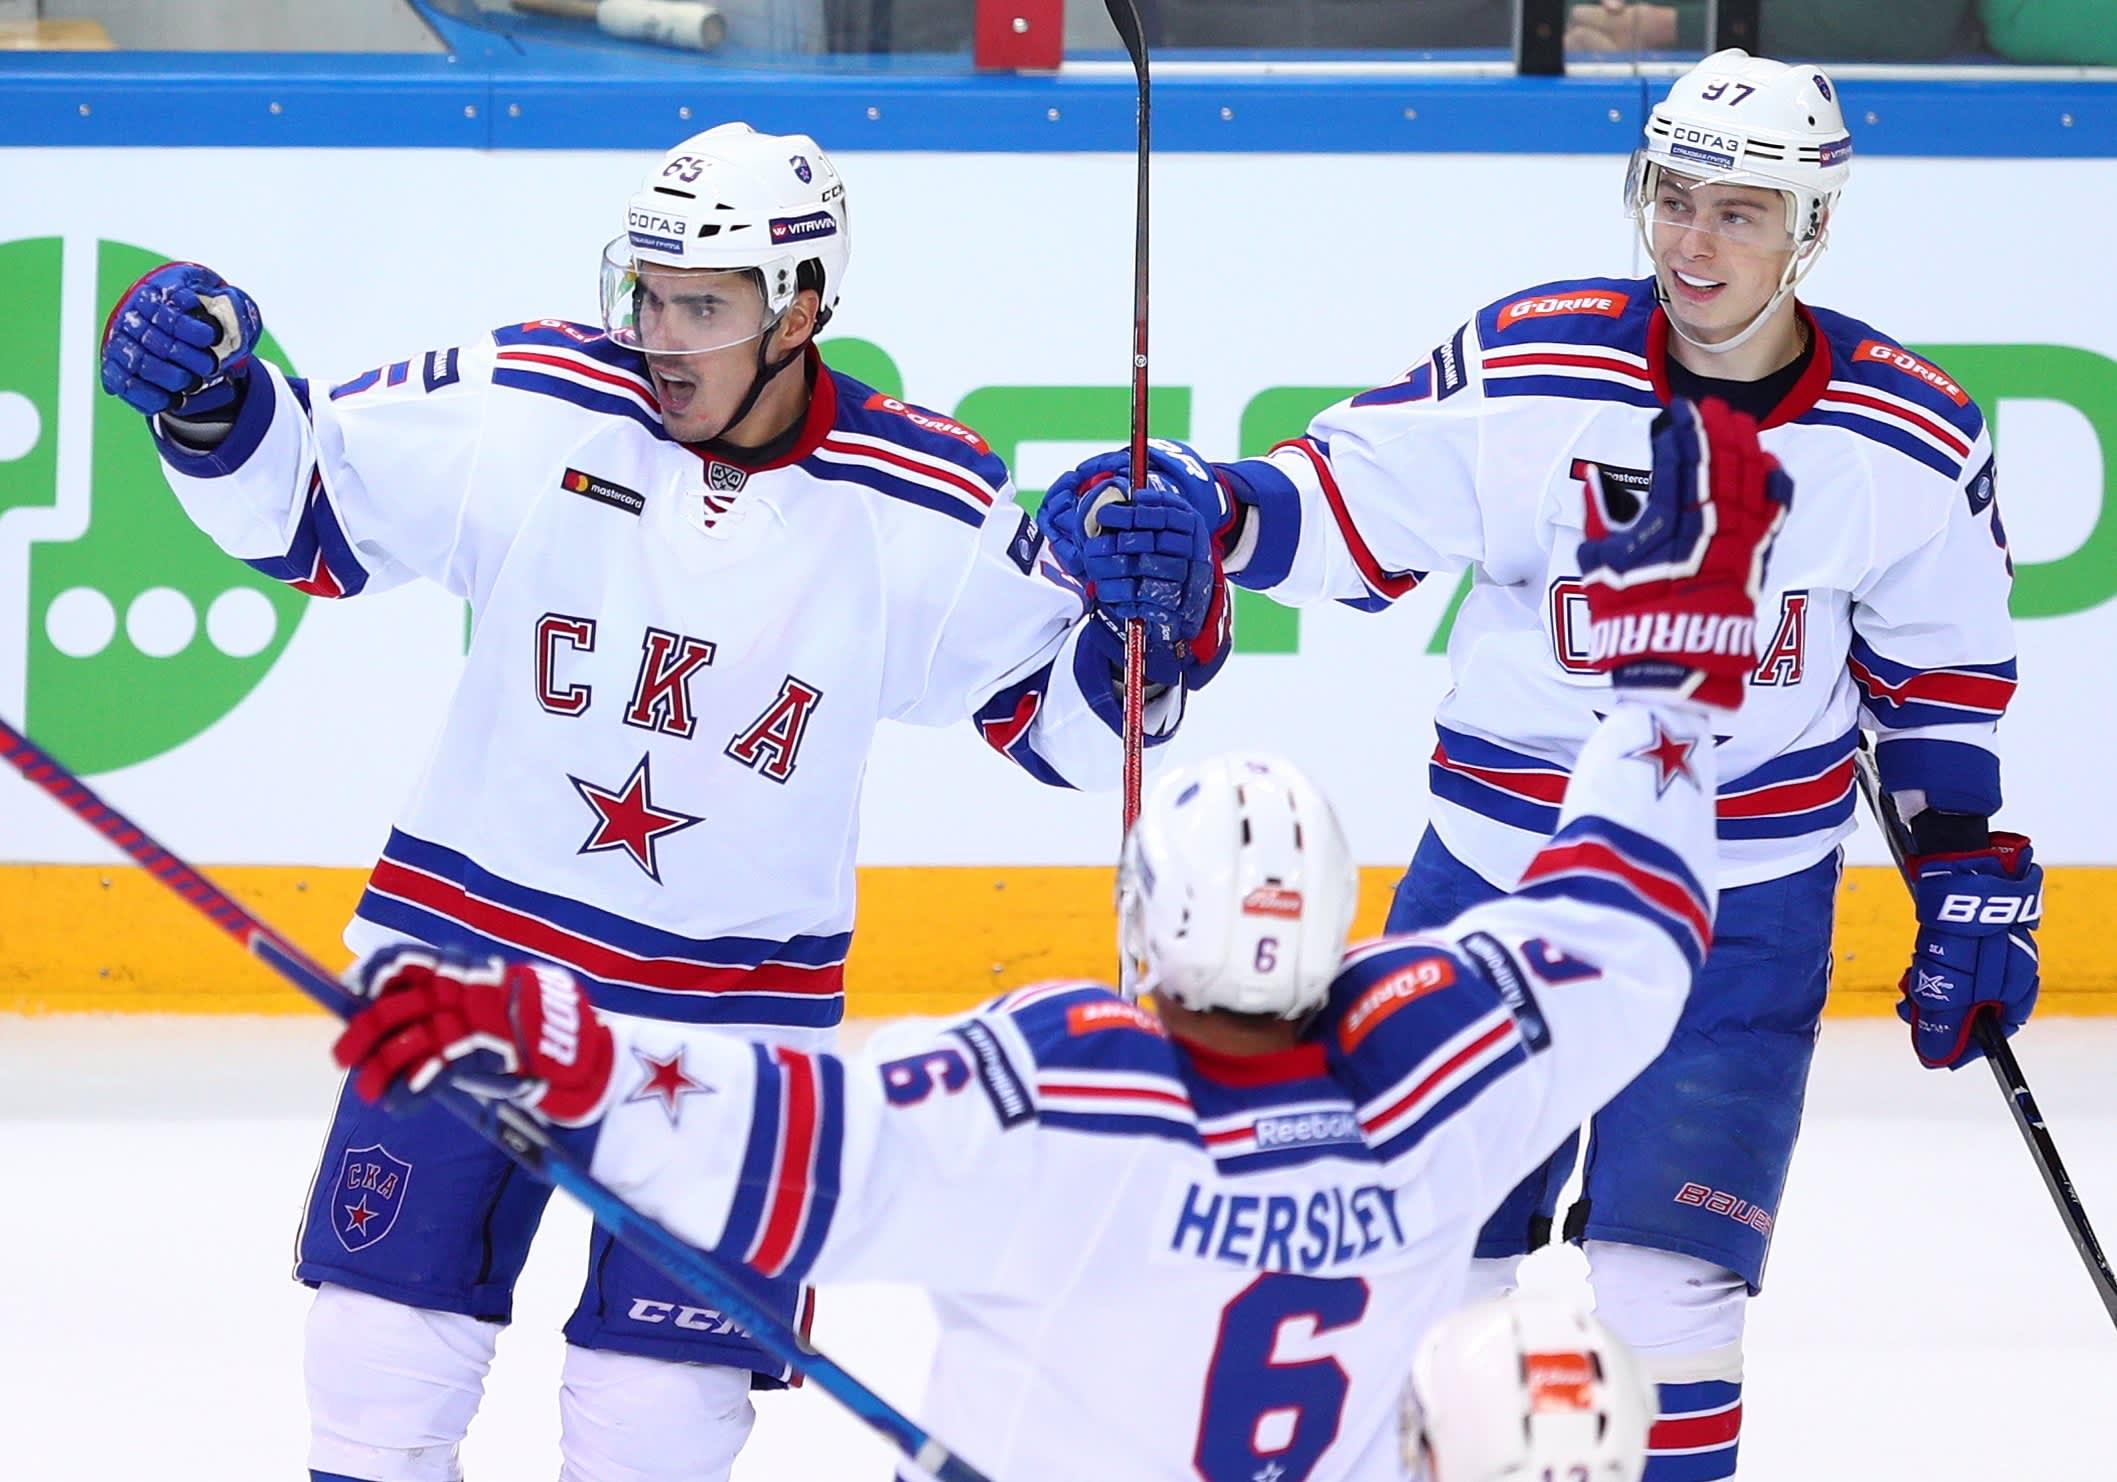 Nail Yakupov (vas.) ja Nikita Gusev (oik.) juhlivat SKA Pietarin kauden 2018-19 avausvoittoa.